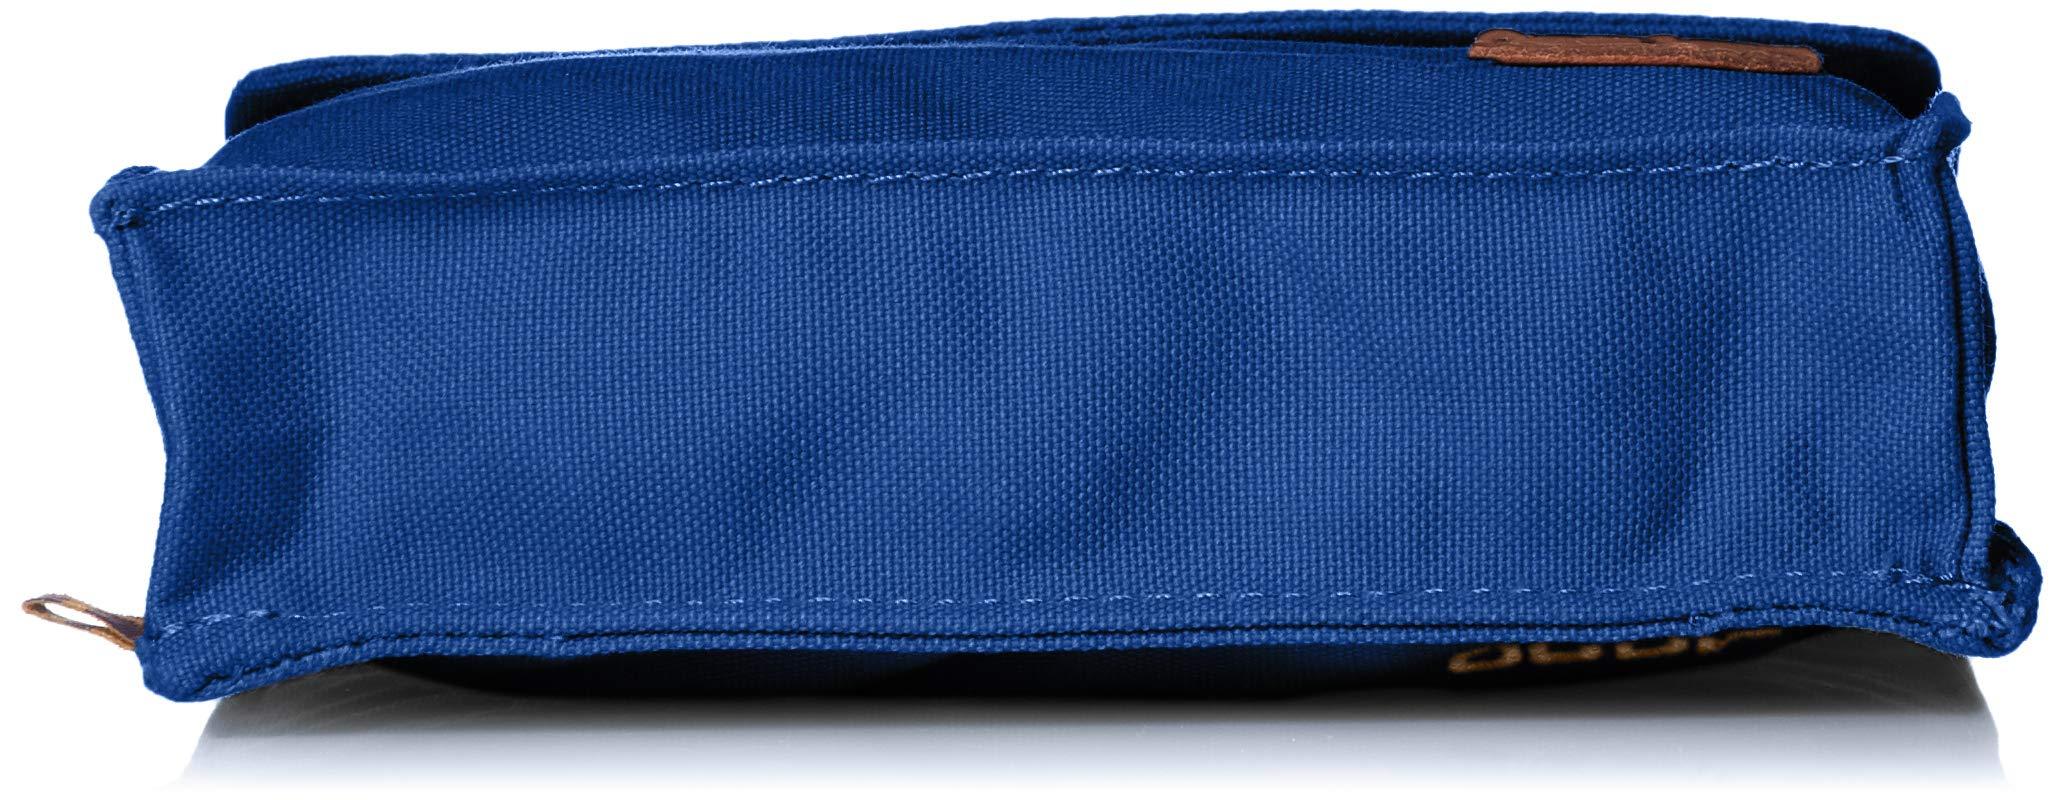 FJLLRVEN-Unisex-Erwachsene-Pocket-Stofftasche-24x36x45-centimeters